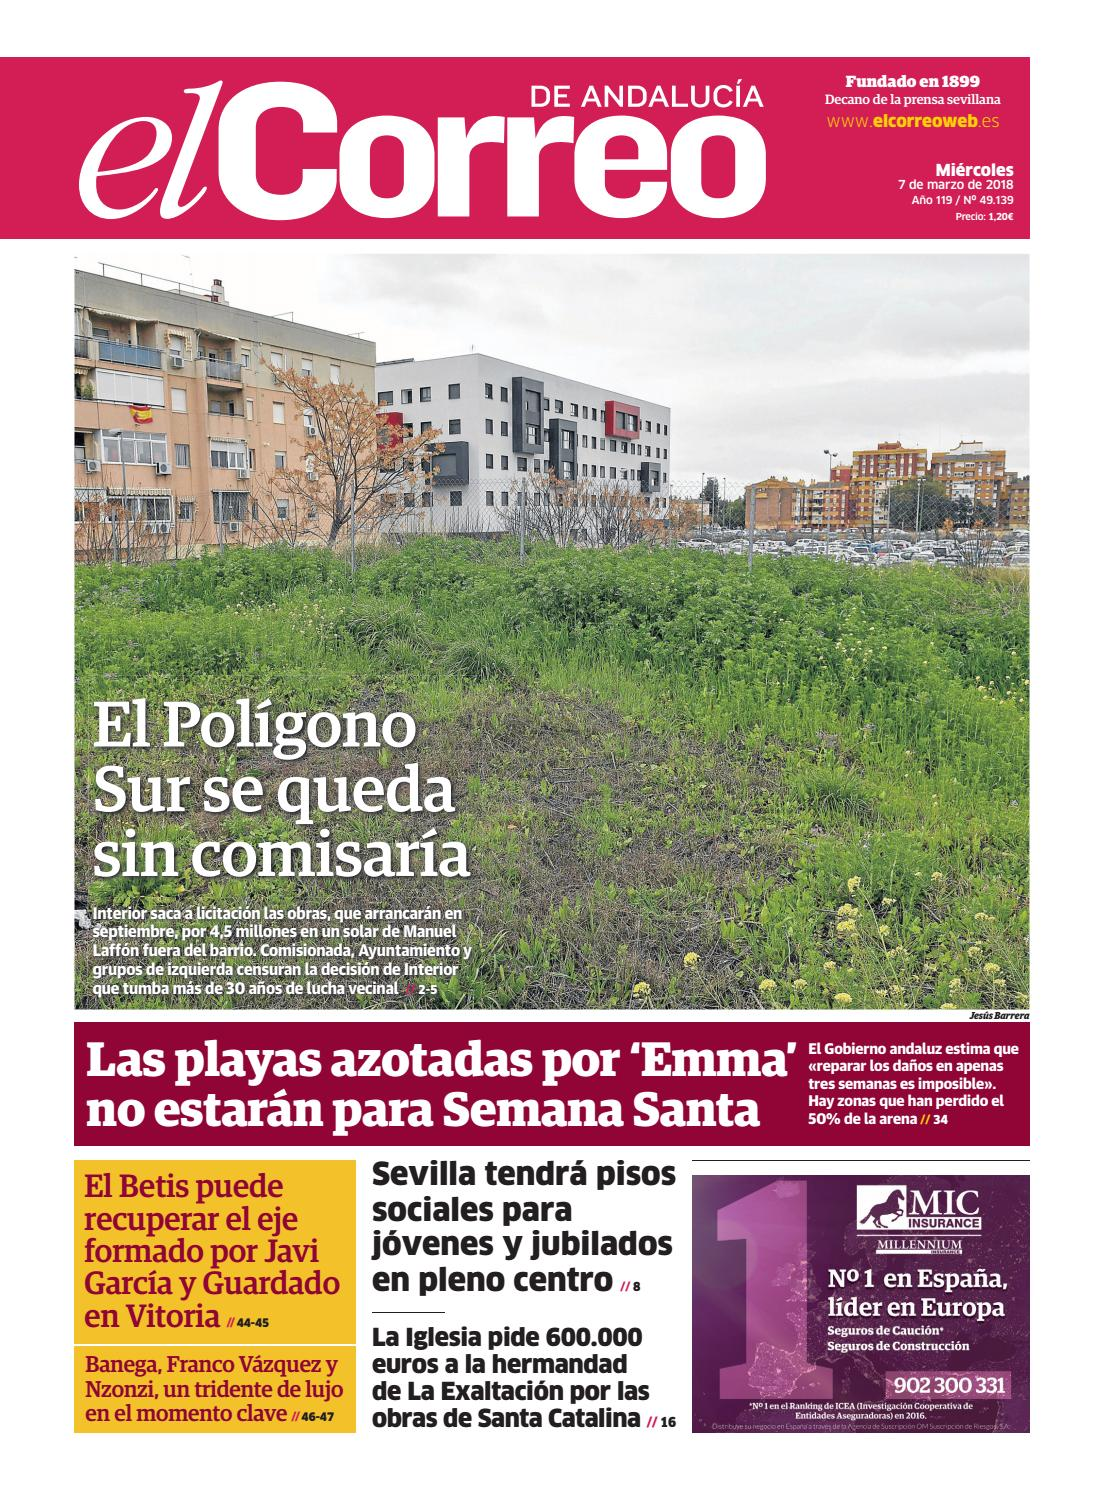 07.03.2018 El Correo de Andalucía by EL CORREO DE ANDALUCÍA S.L. - issuu